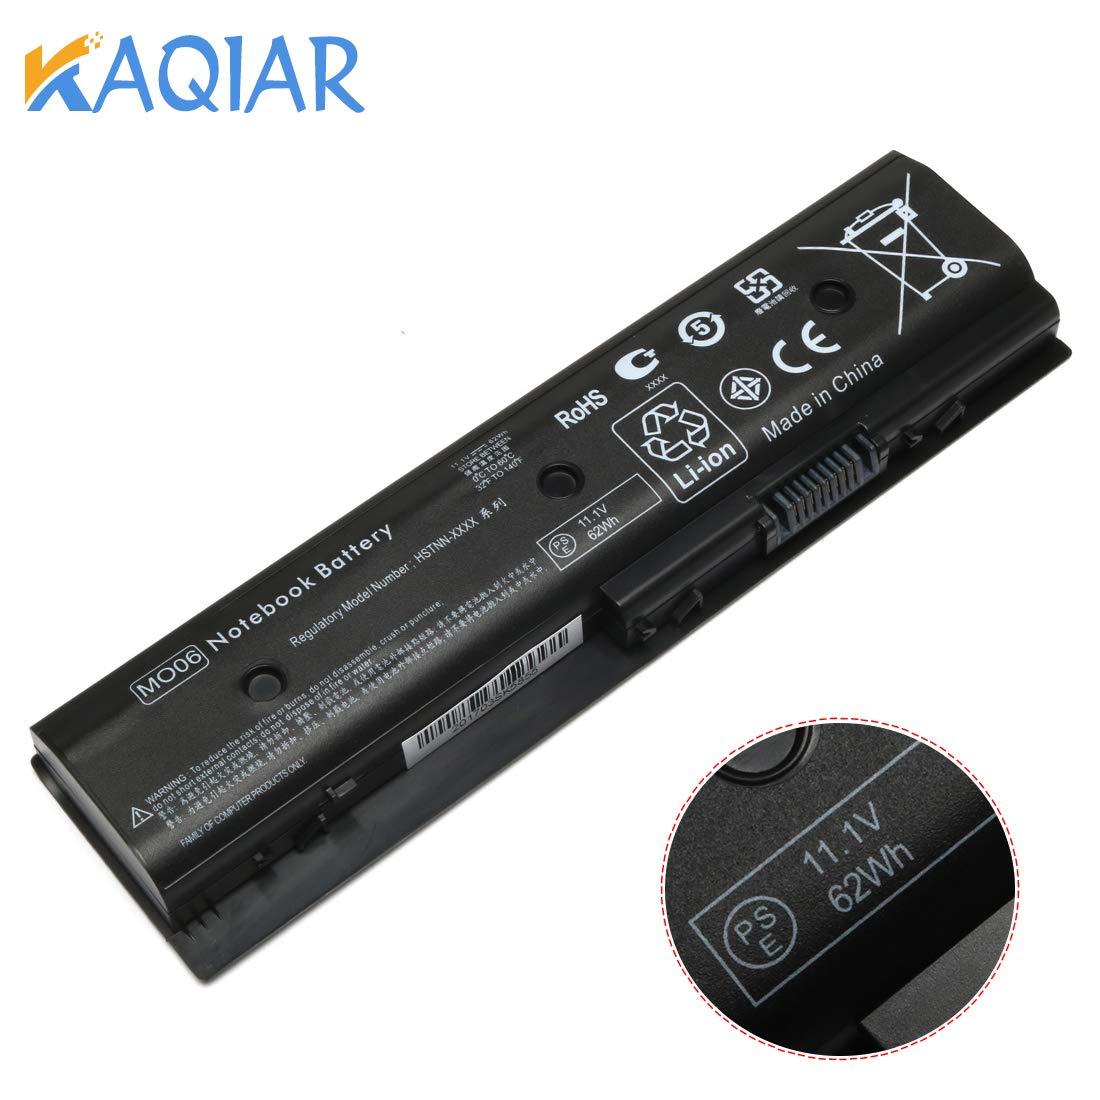 Bateria MO06 para HP Pavilion DV4-5000 DV6-7000 DV6-7099 DV6-8000 DV7-7000 MO09 HSTNN-LB3P HSTNN-LB3N HSTNN-YB3N TPN-P10